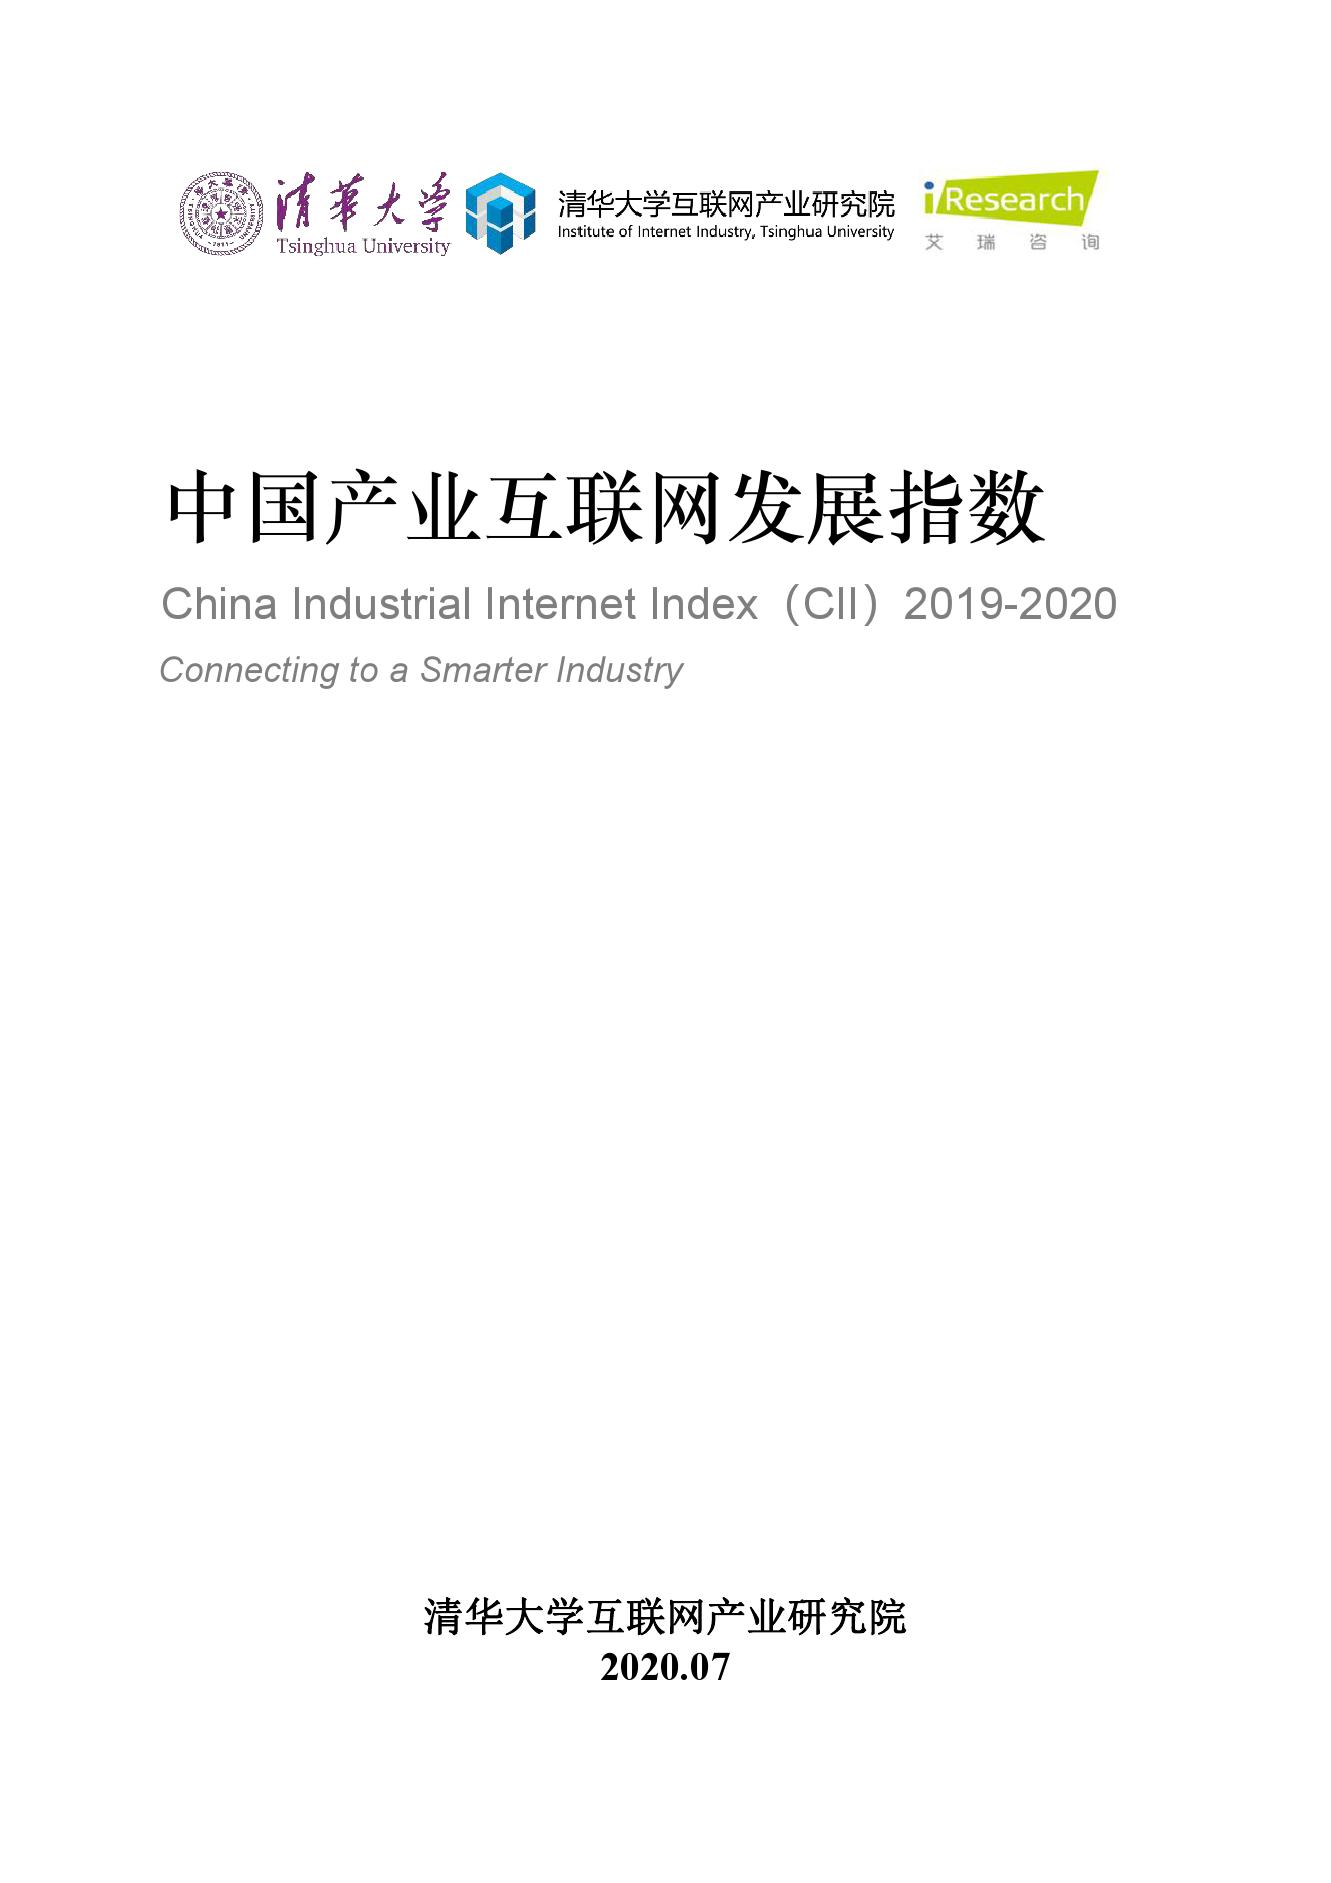 清华大学:2019-2020年中国产业互联网发展指数(附下载)